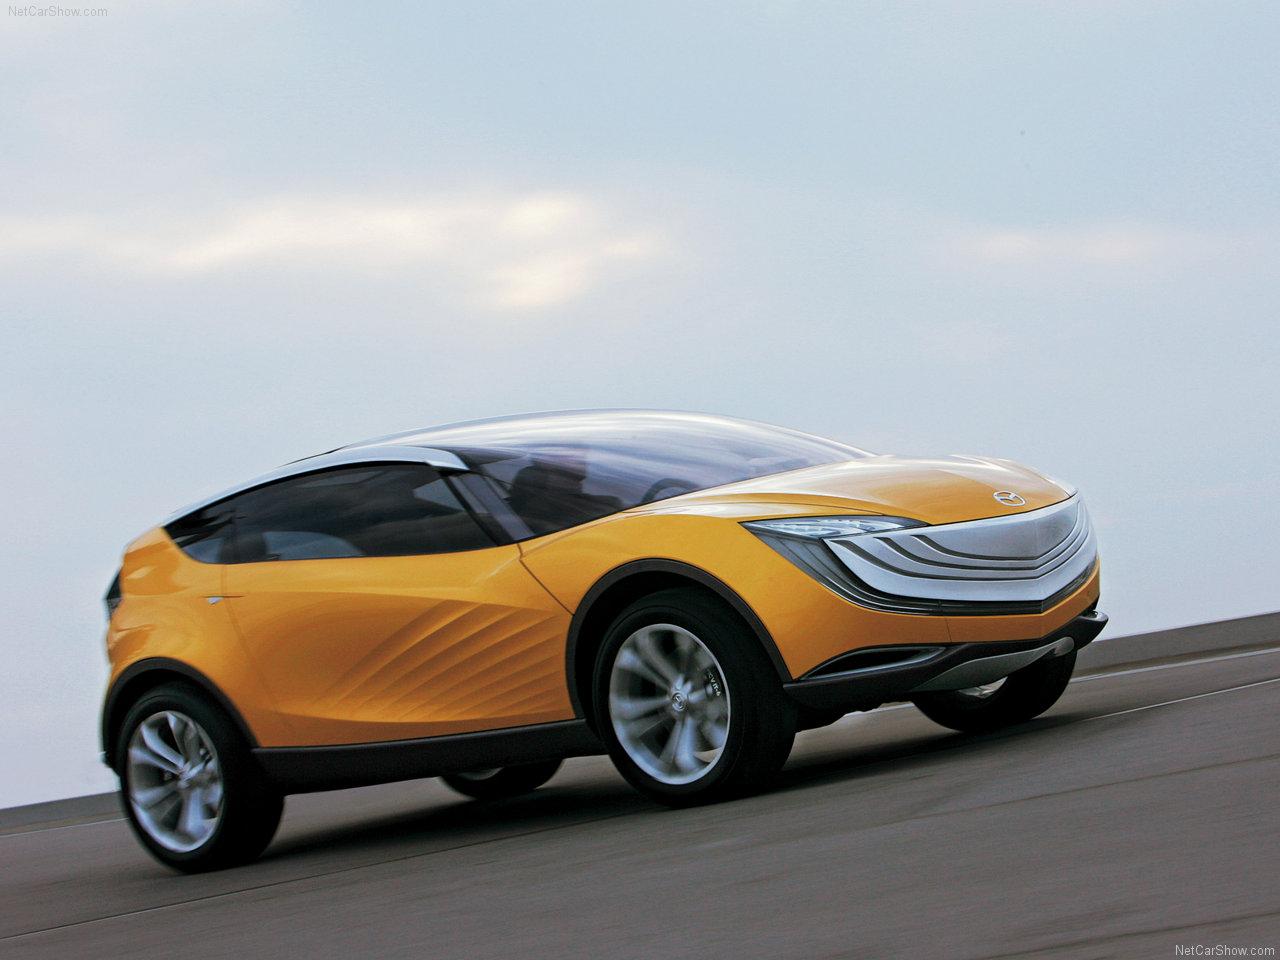 Mazda - Populaire francais d'automobiles: 2007 Mazda Hakaze Concept